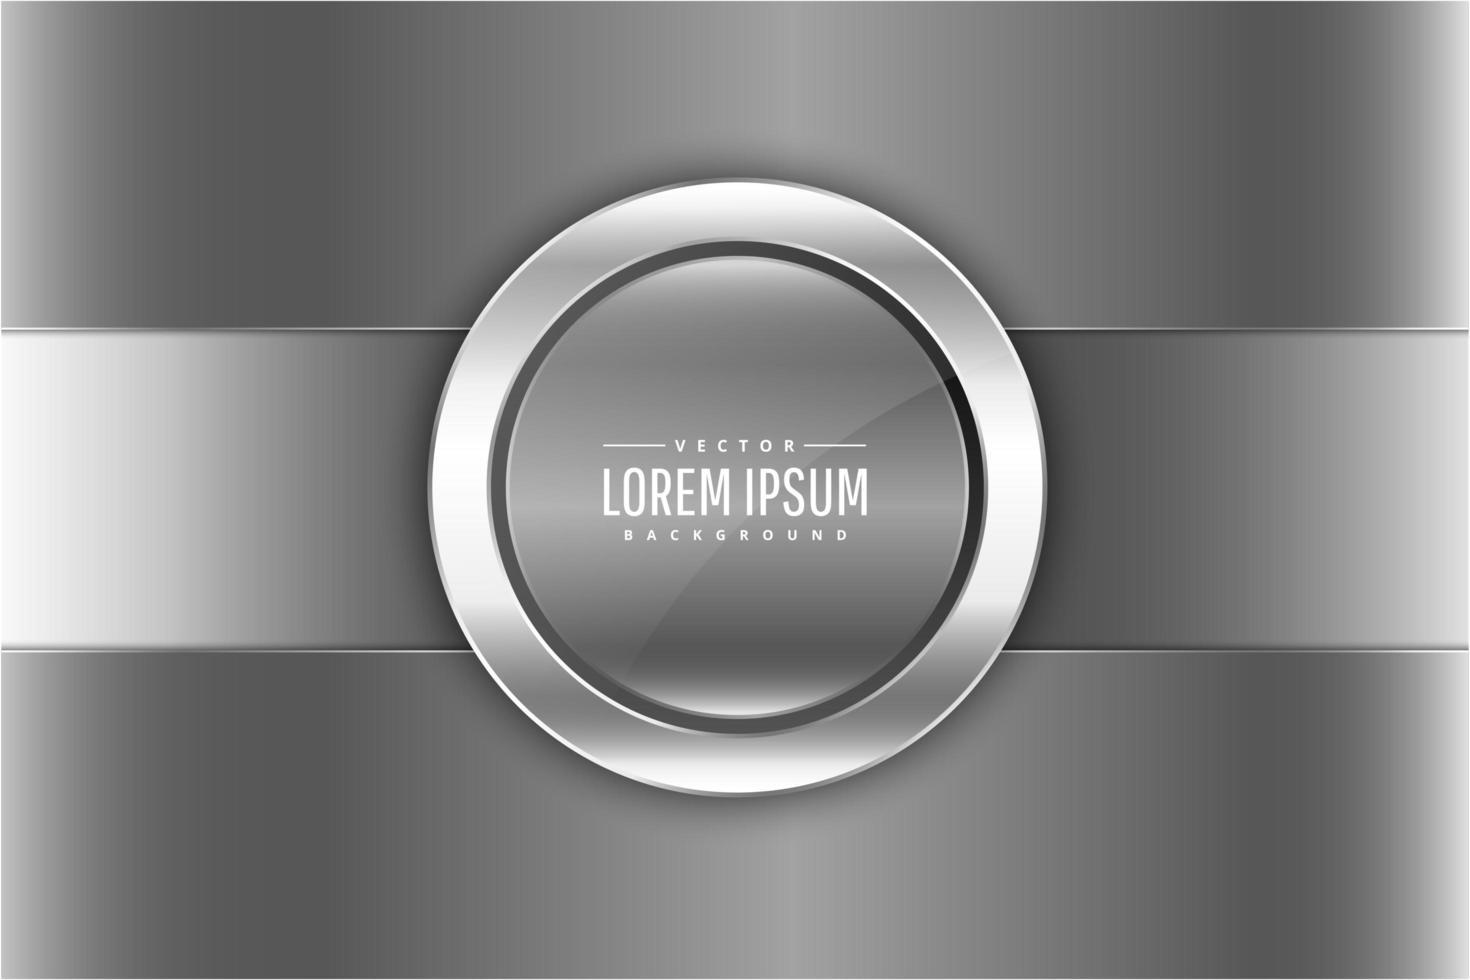 metallic zilveren panelen met ronde knop vector